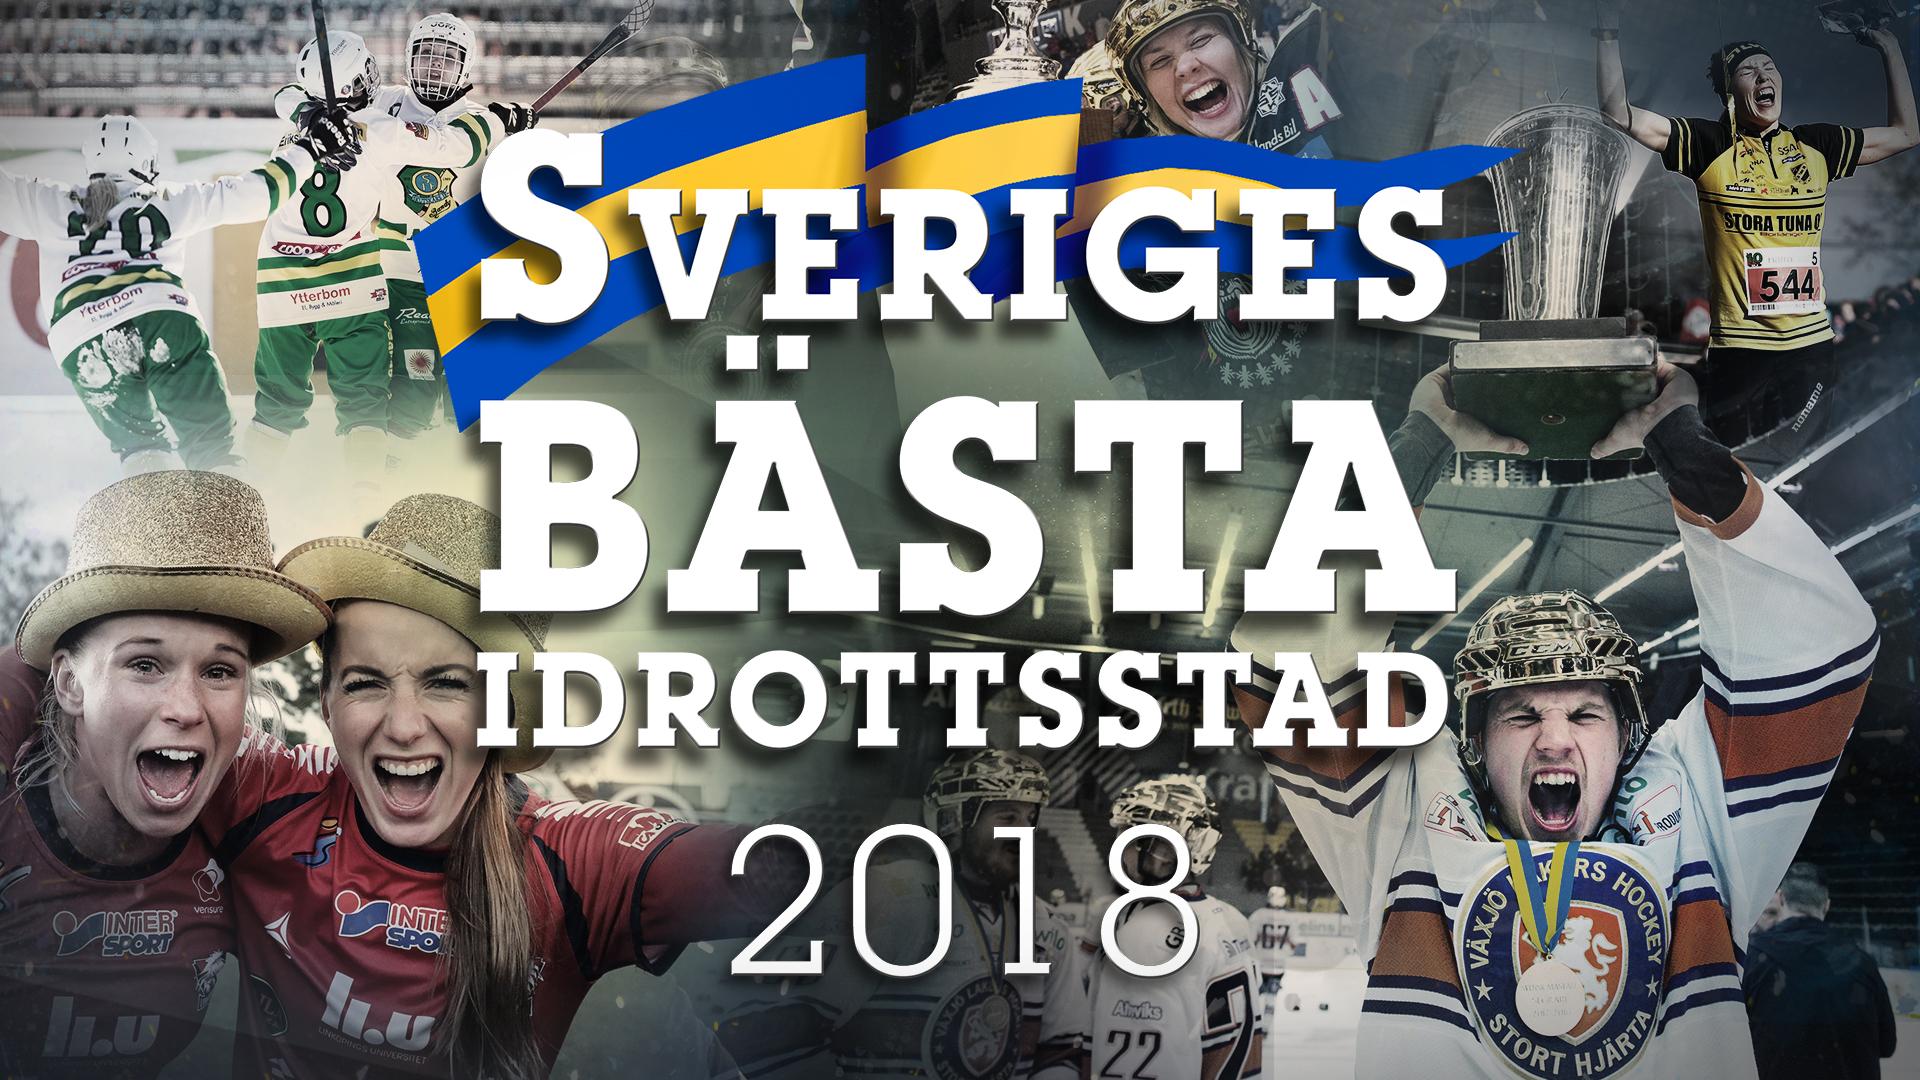 Idrottstad  Jönköping  9a5ebef41ae0a